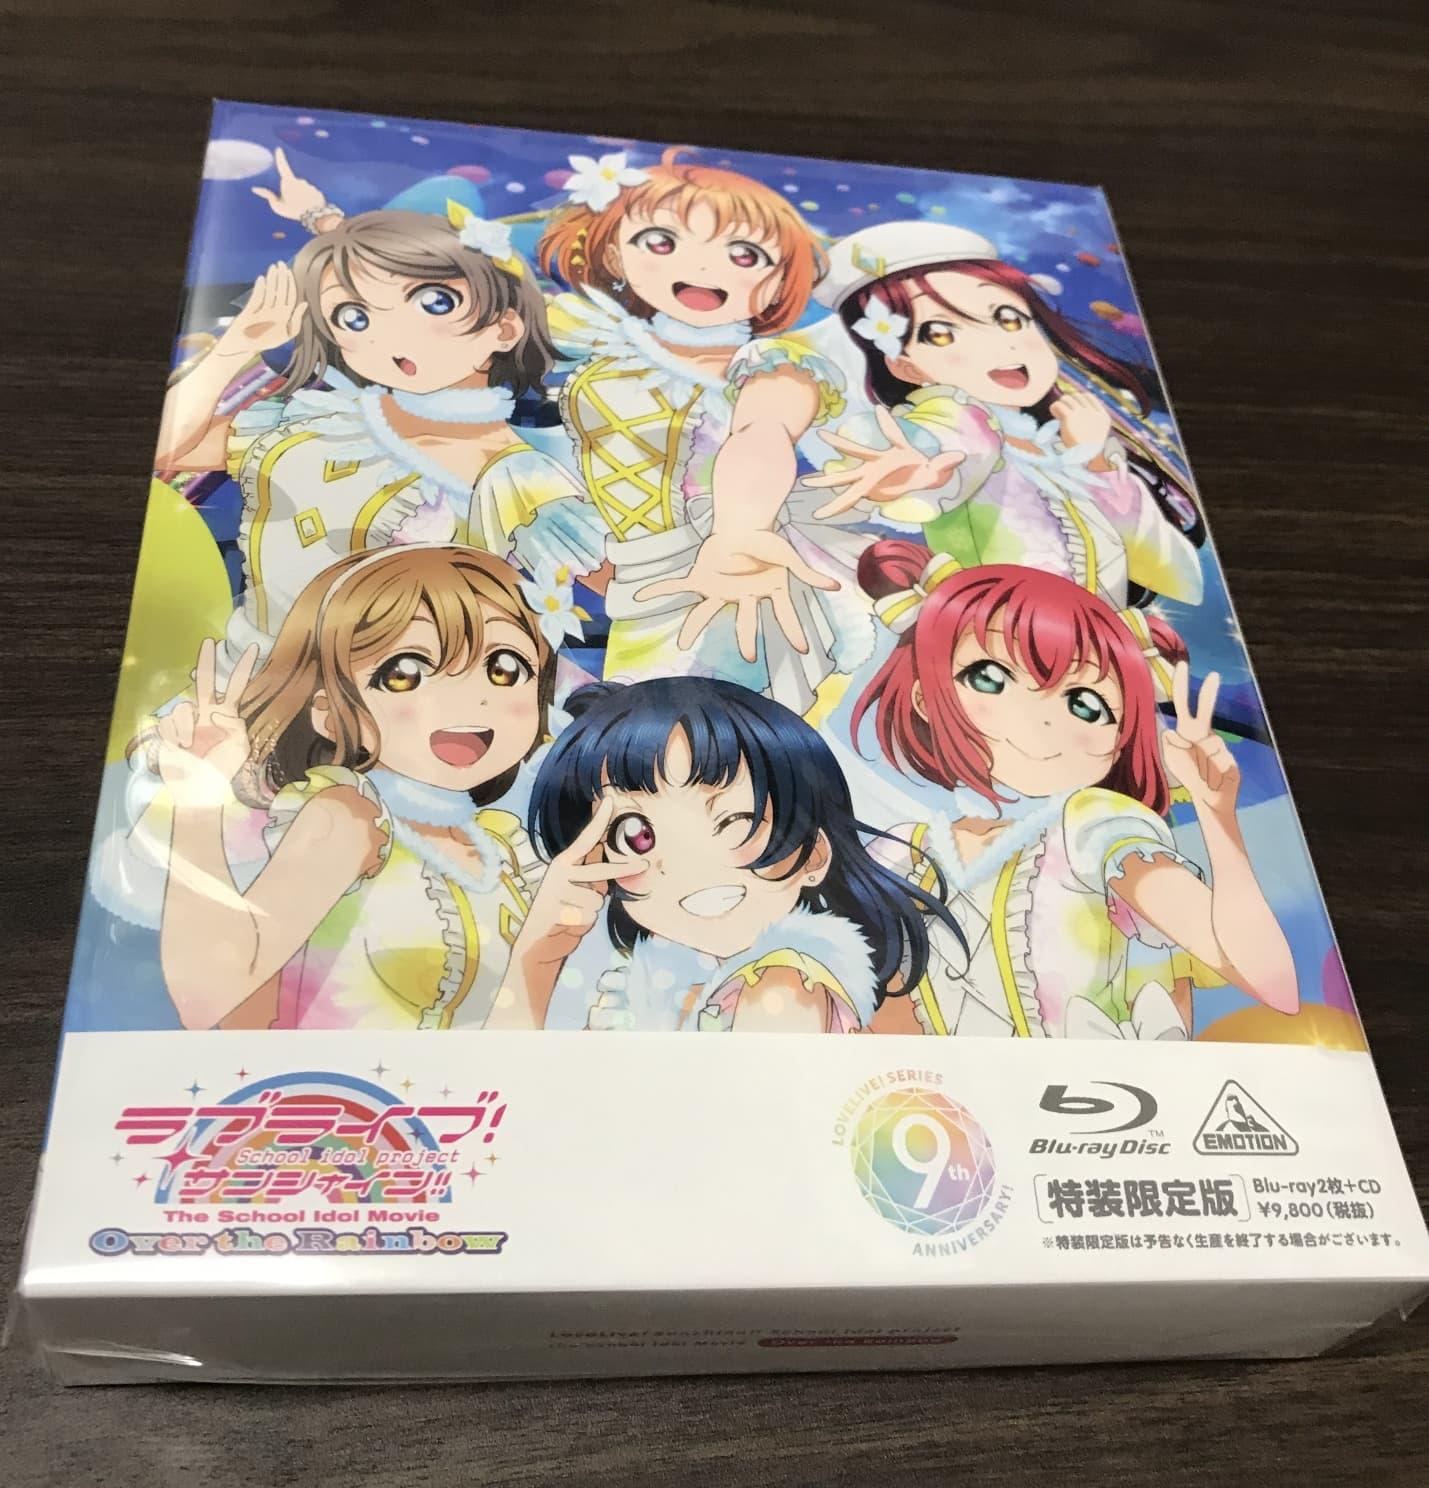 劇場版Blu-rayをゲットした!ラブライブ! サンシャイン!!The School Idol Movie Over the Rainbow (特装限定版) [Blu-ray]